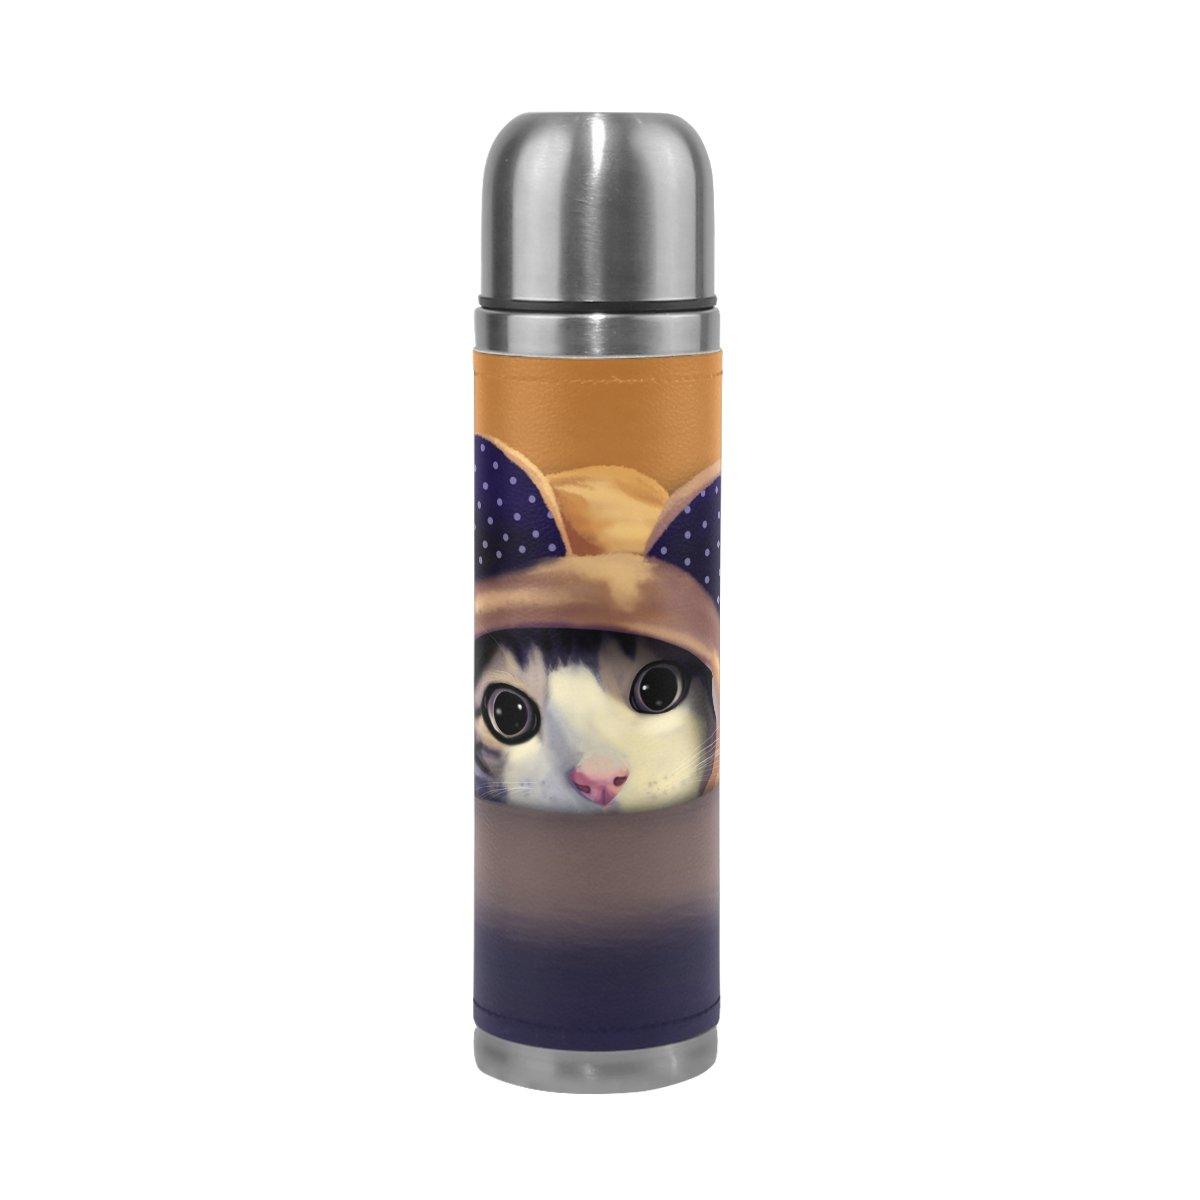 ファッションなデザイン Alazaピンクパンダステンレススチール漏れ防止二重壁真空断熱魔法瓶フラスコ17 oz本革カバーWrapped kitten kitten cat cat B076JBPV7K, 【即納!最大半額!】:a69601f4 --- a0267596.xsph.ru